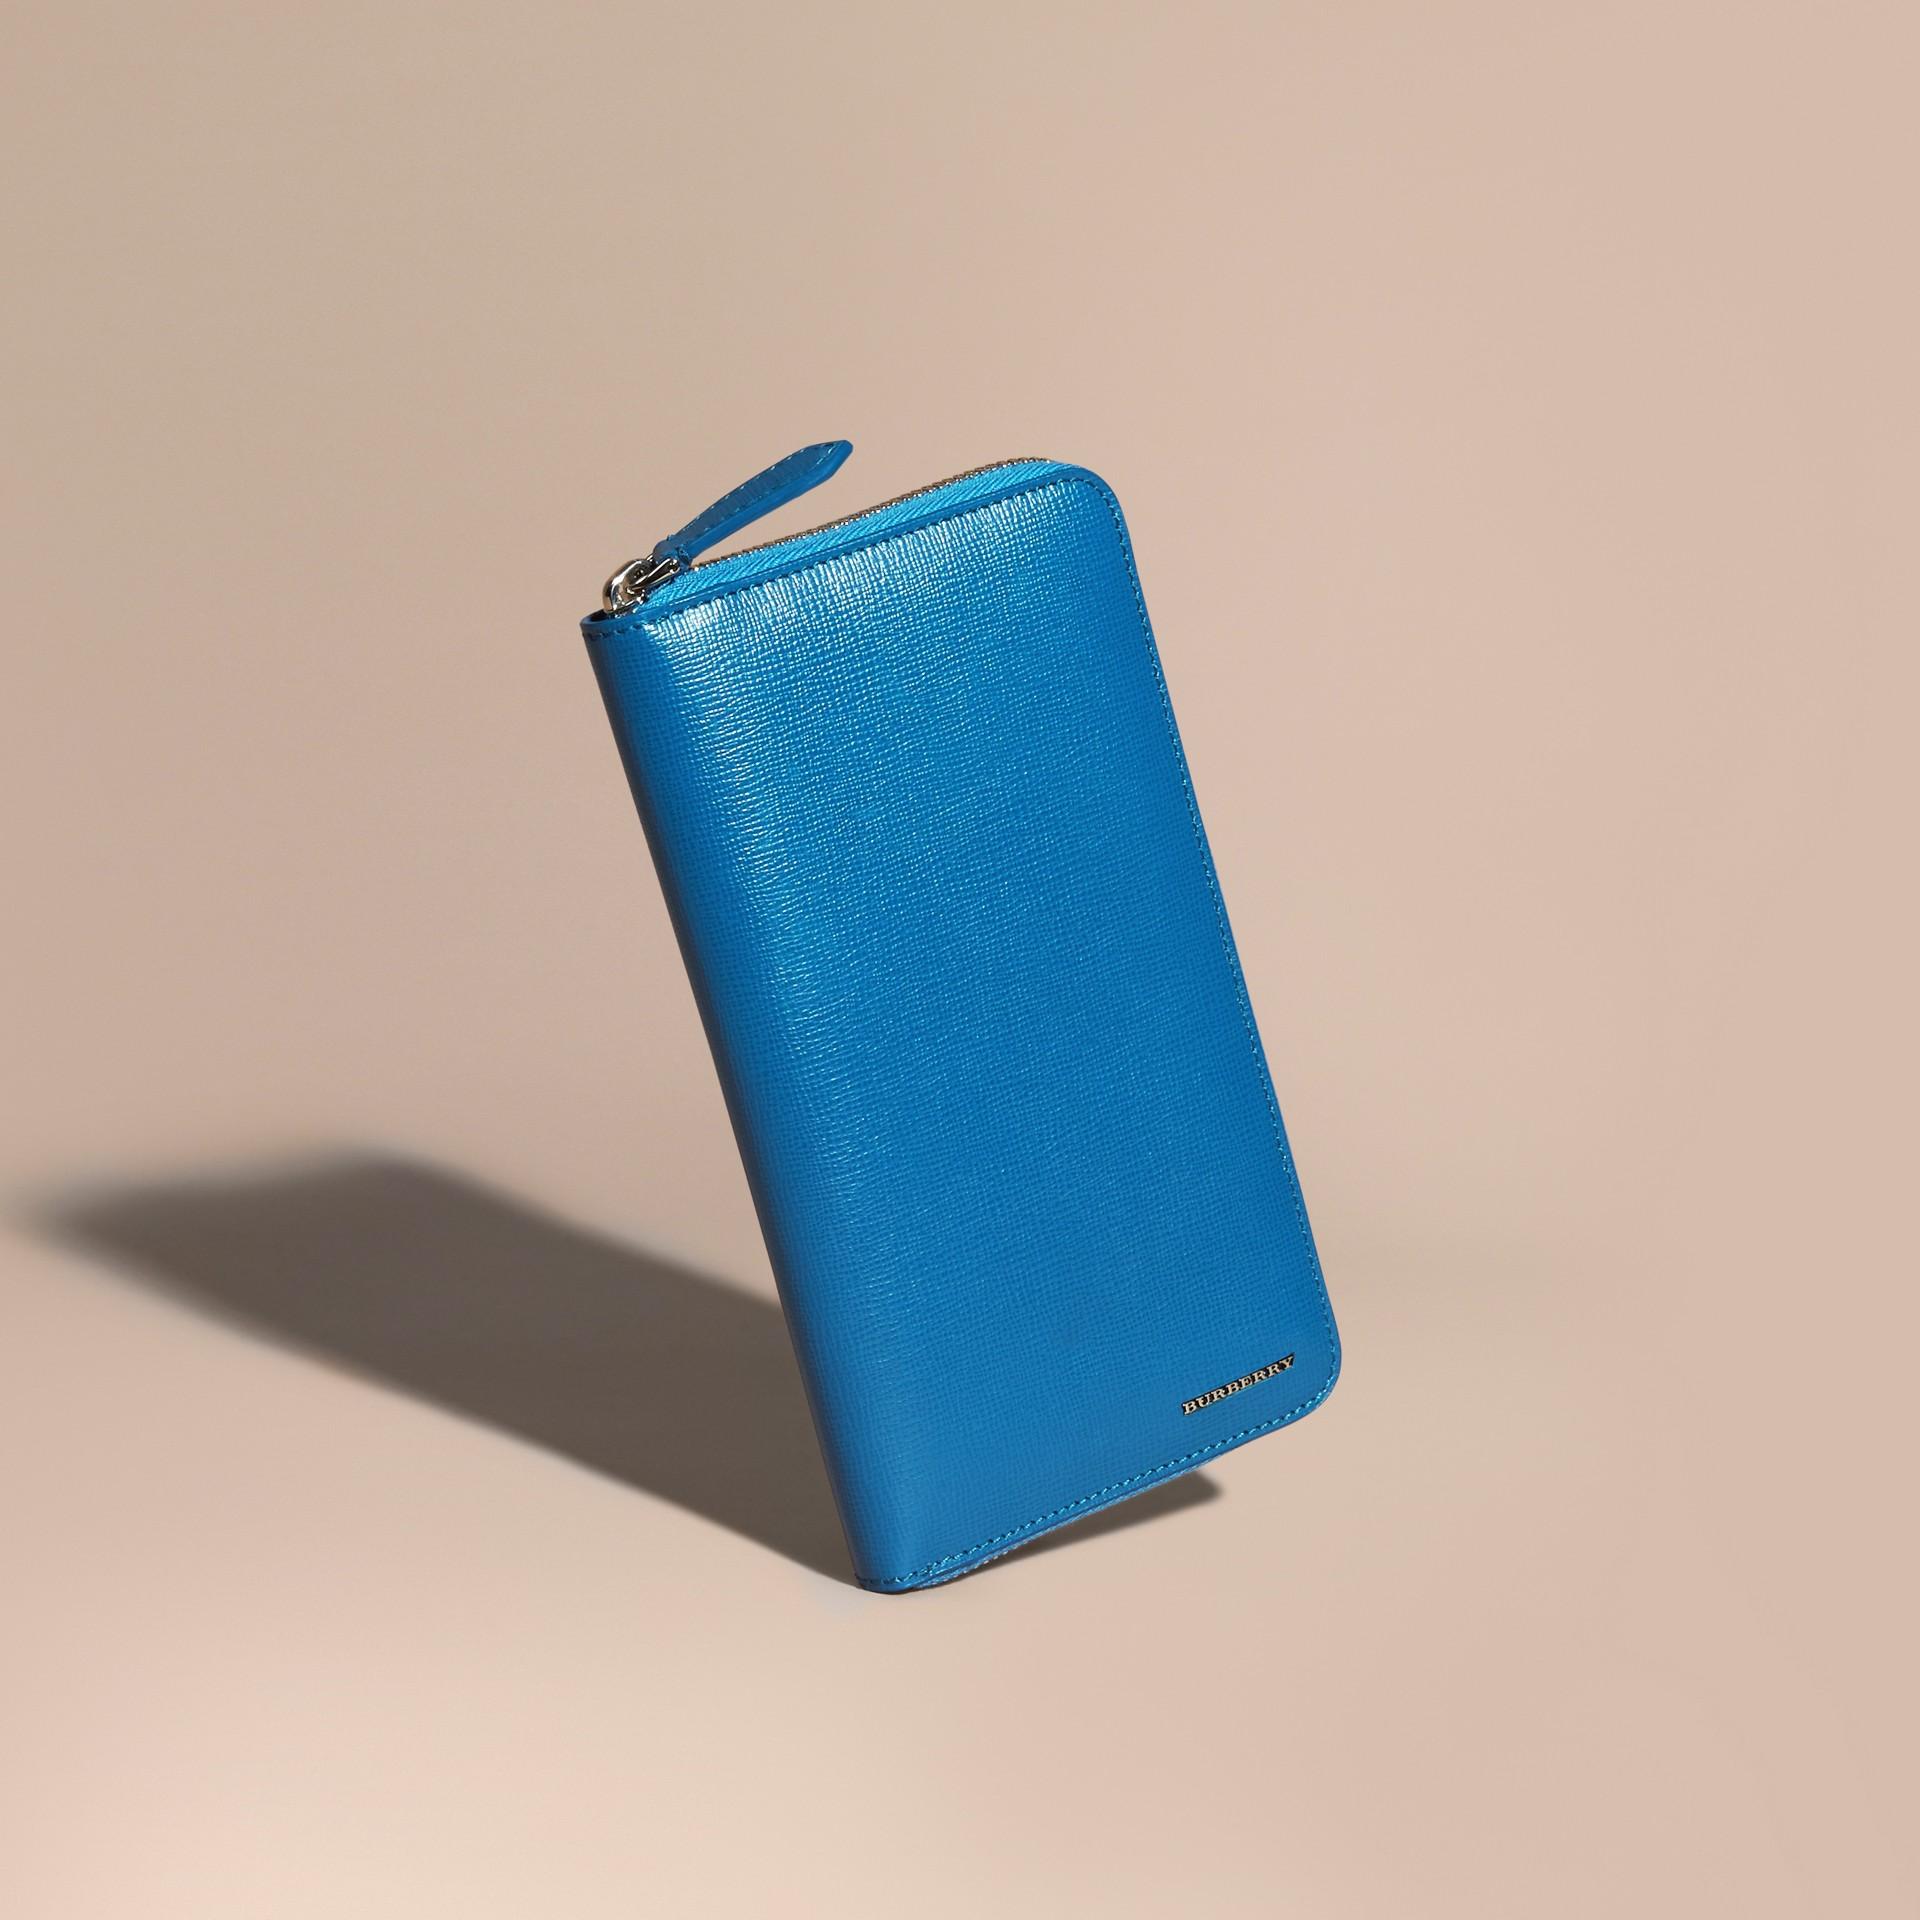 Bleu minéral Portefeuille zippé en cuir London - photo de la galerie 1